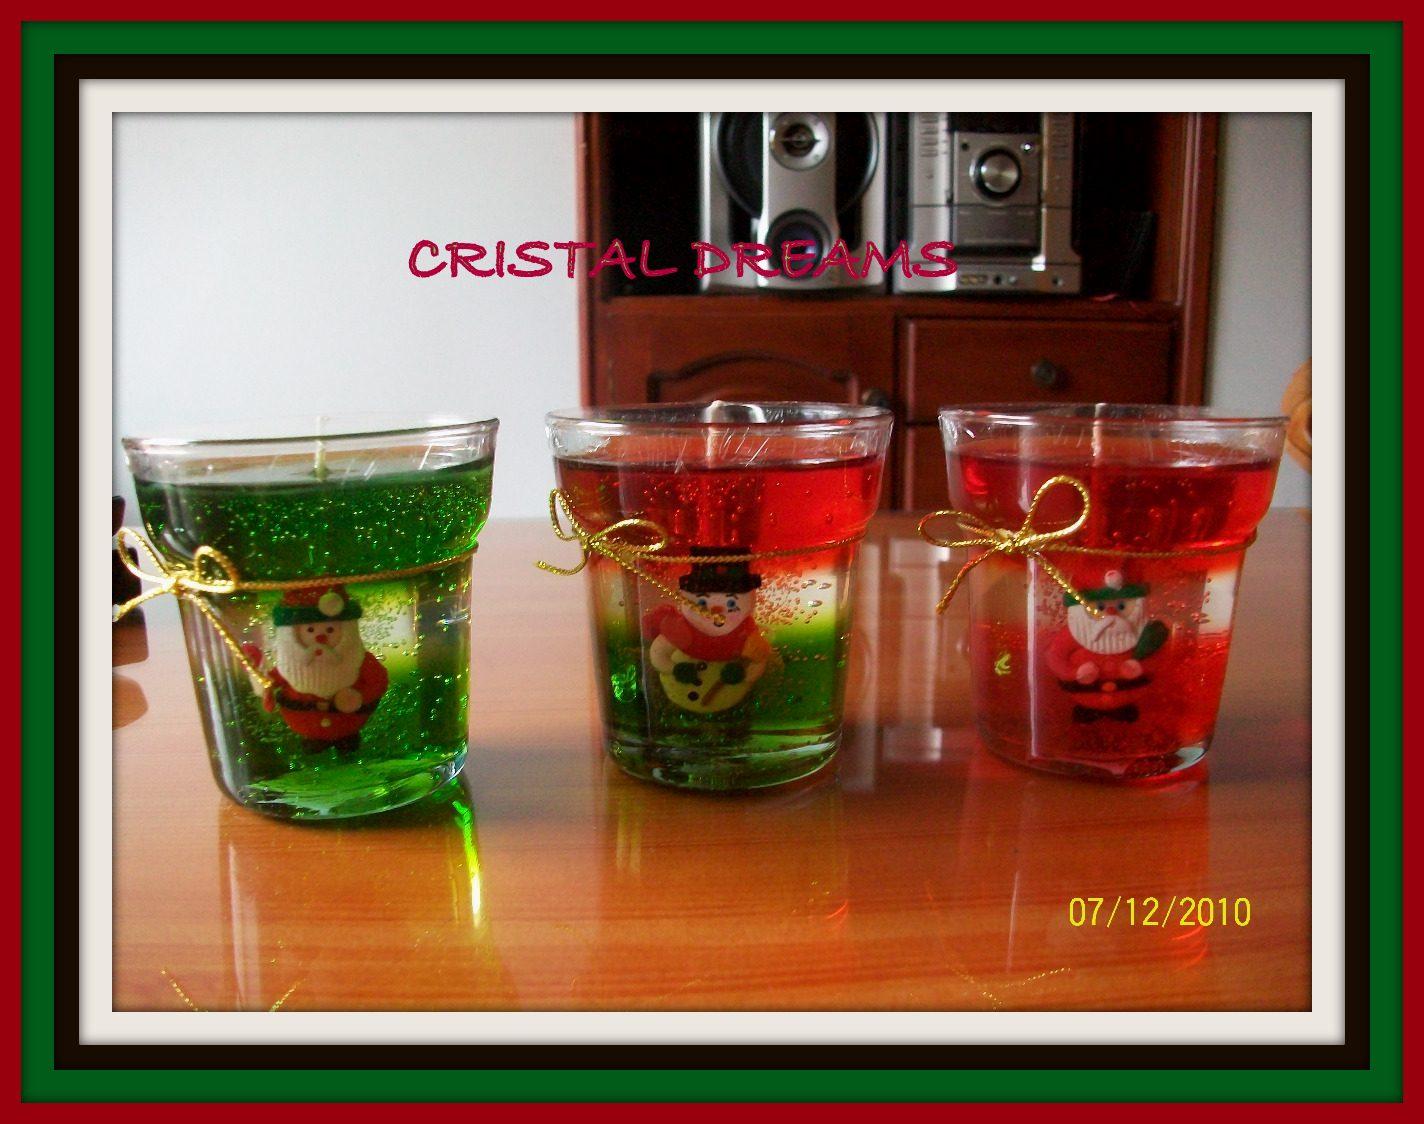 Cristal dreams diciembre 2012 for Velas navidenas